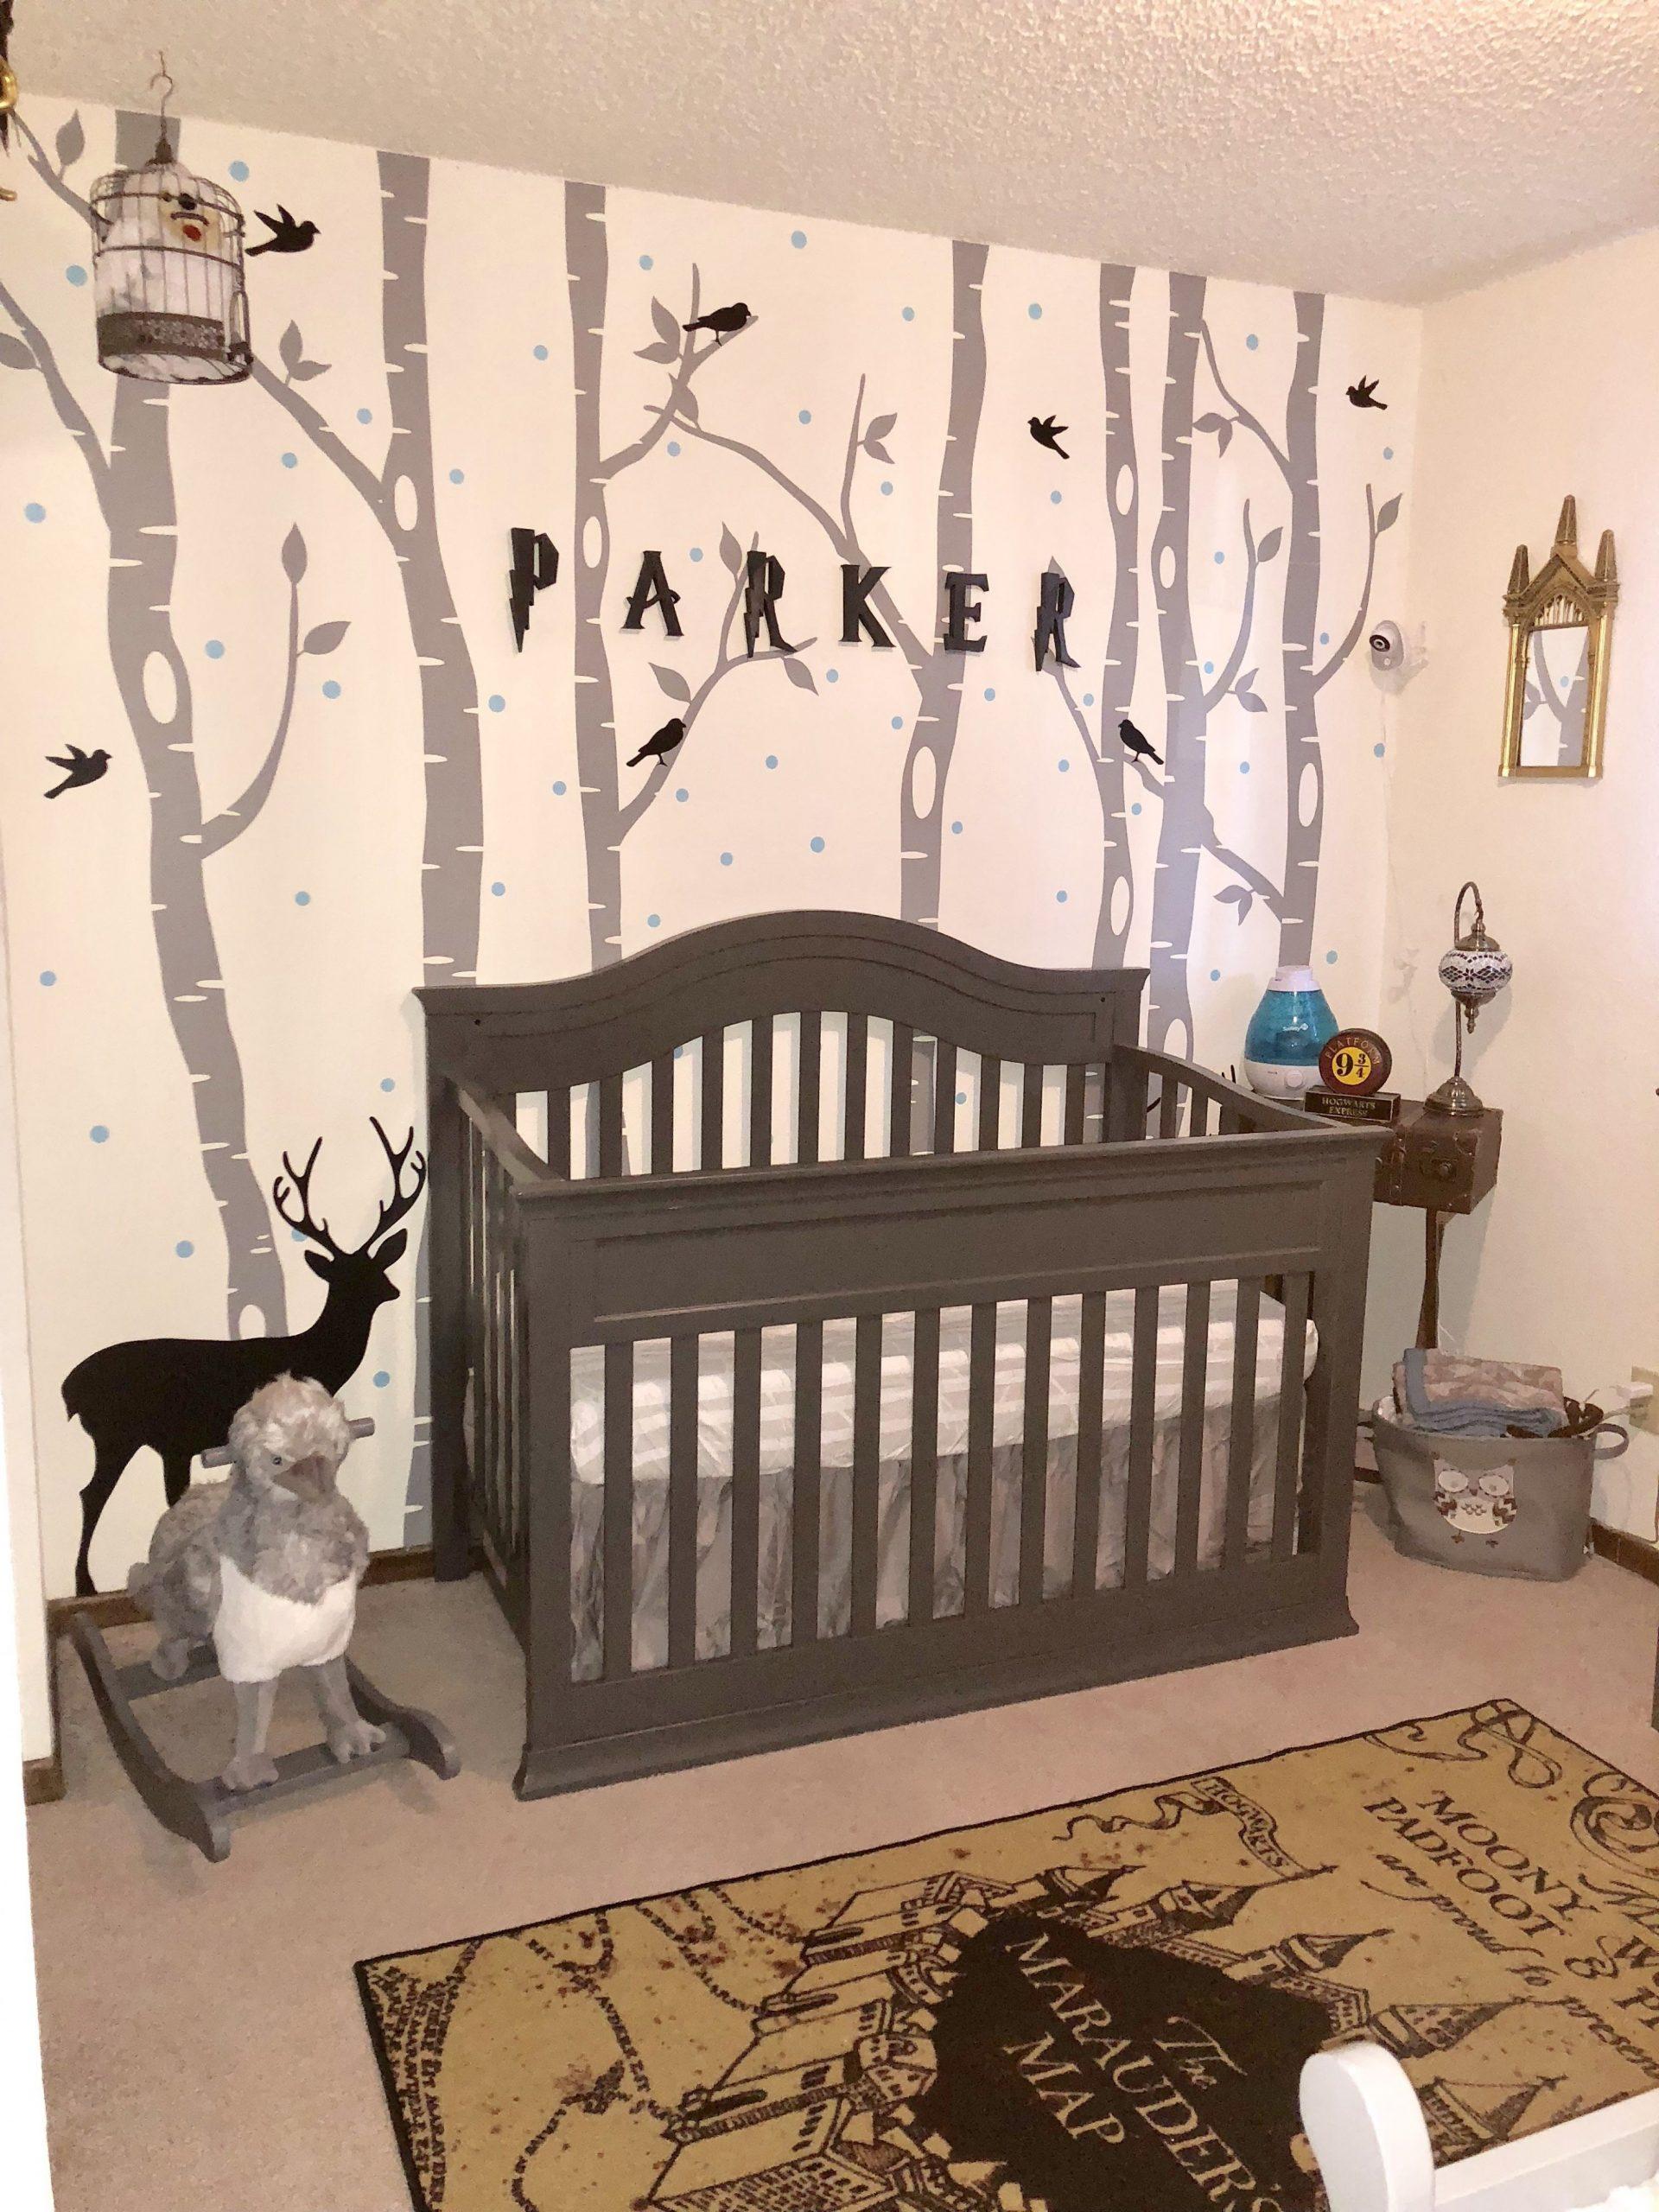 Harry Potter nursery theme  Harry potter baby nursery, Harry  - Baby Room Harry Potter